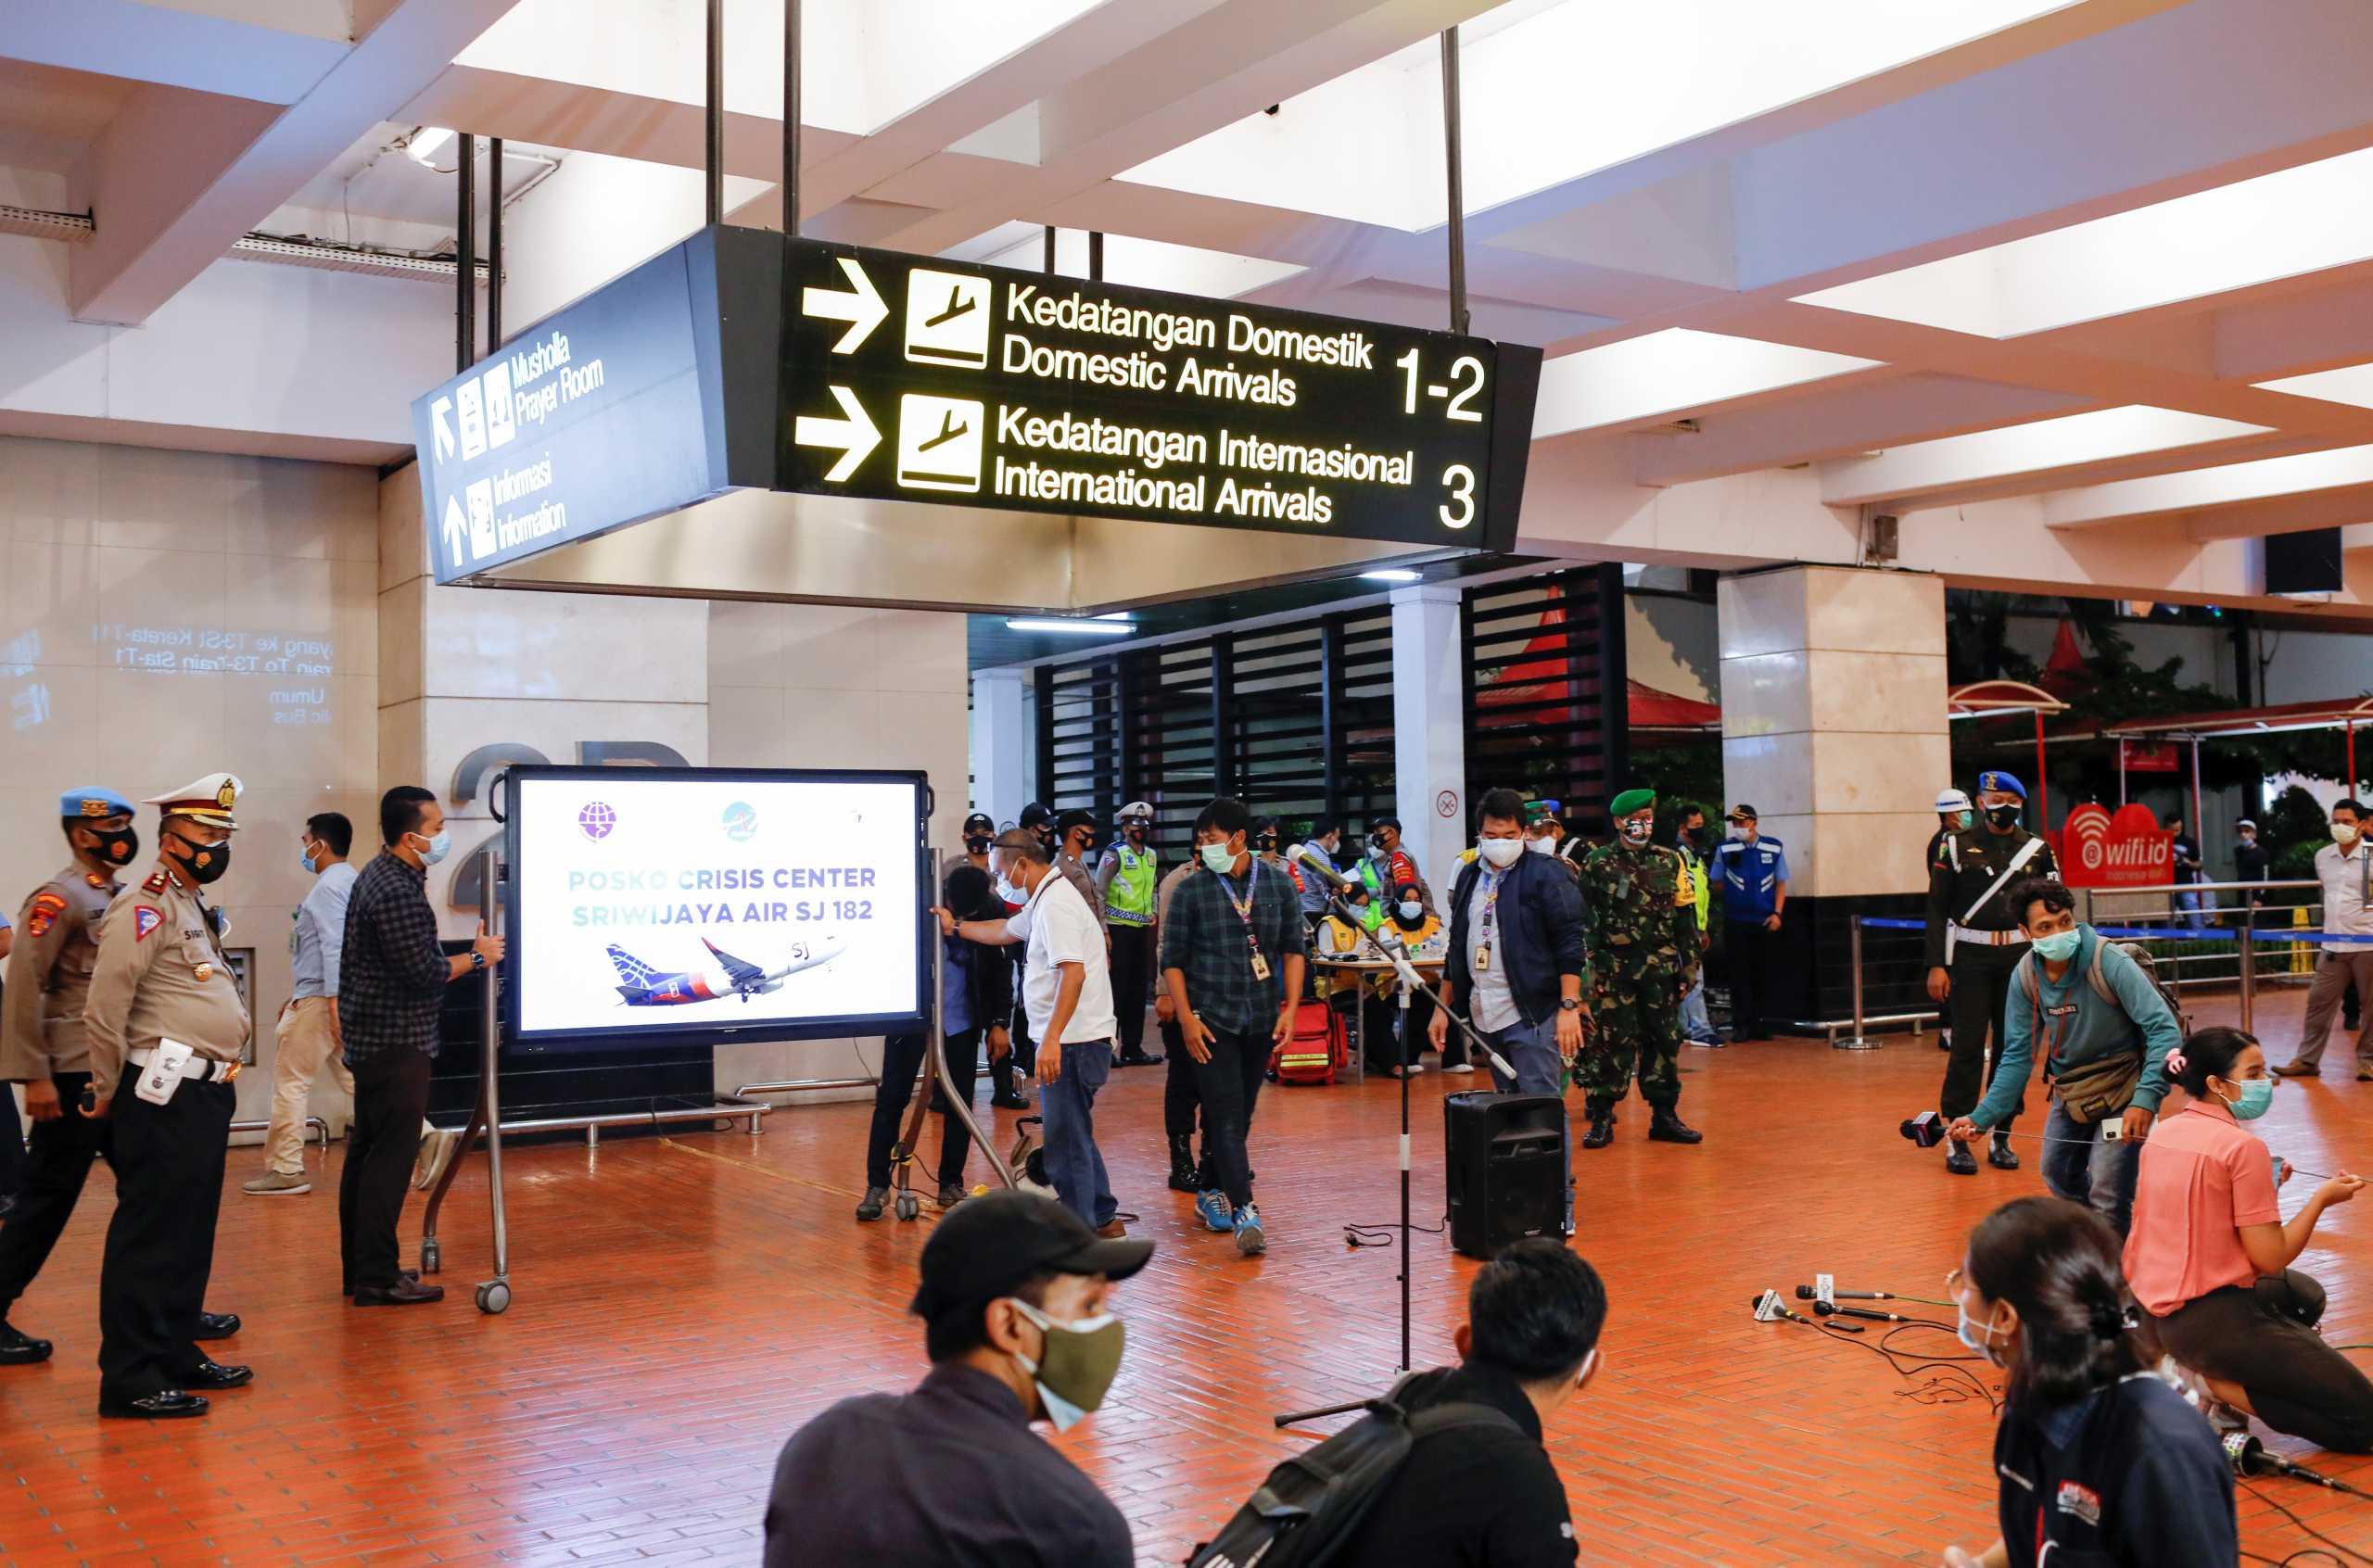 Συντριβή αεροσκάφους στην Ινδονησία – ΥΠΕΞ: Εκφράζουμε τη θλίψη και τη συμπαράστασή μας